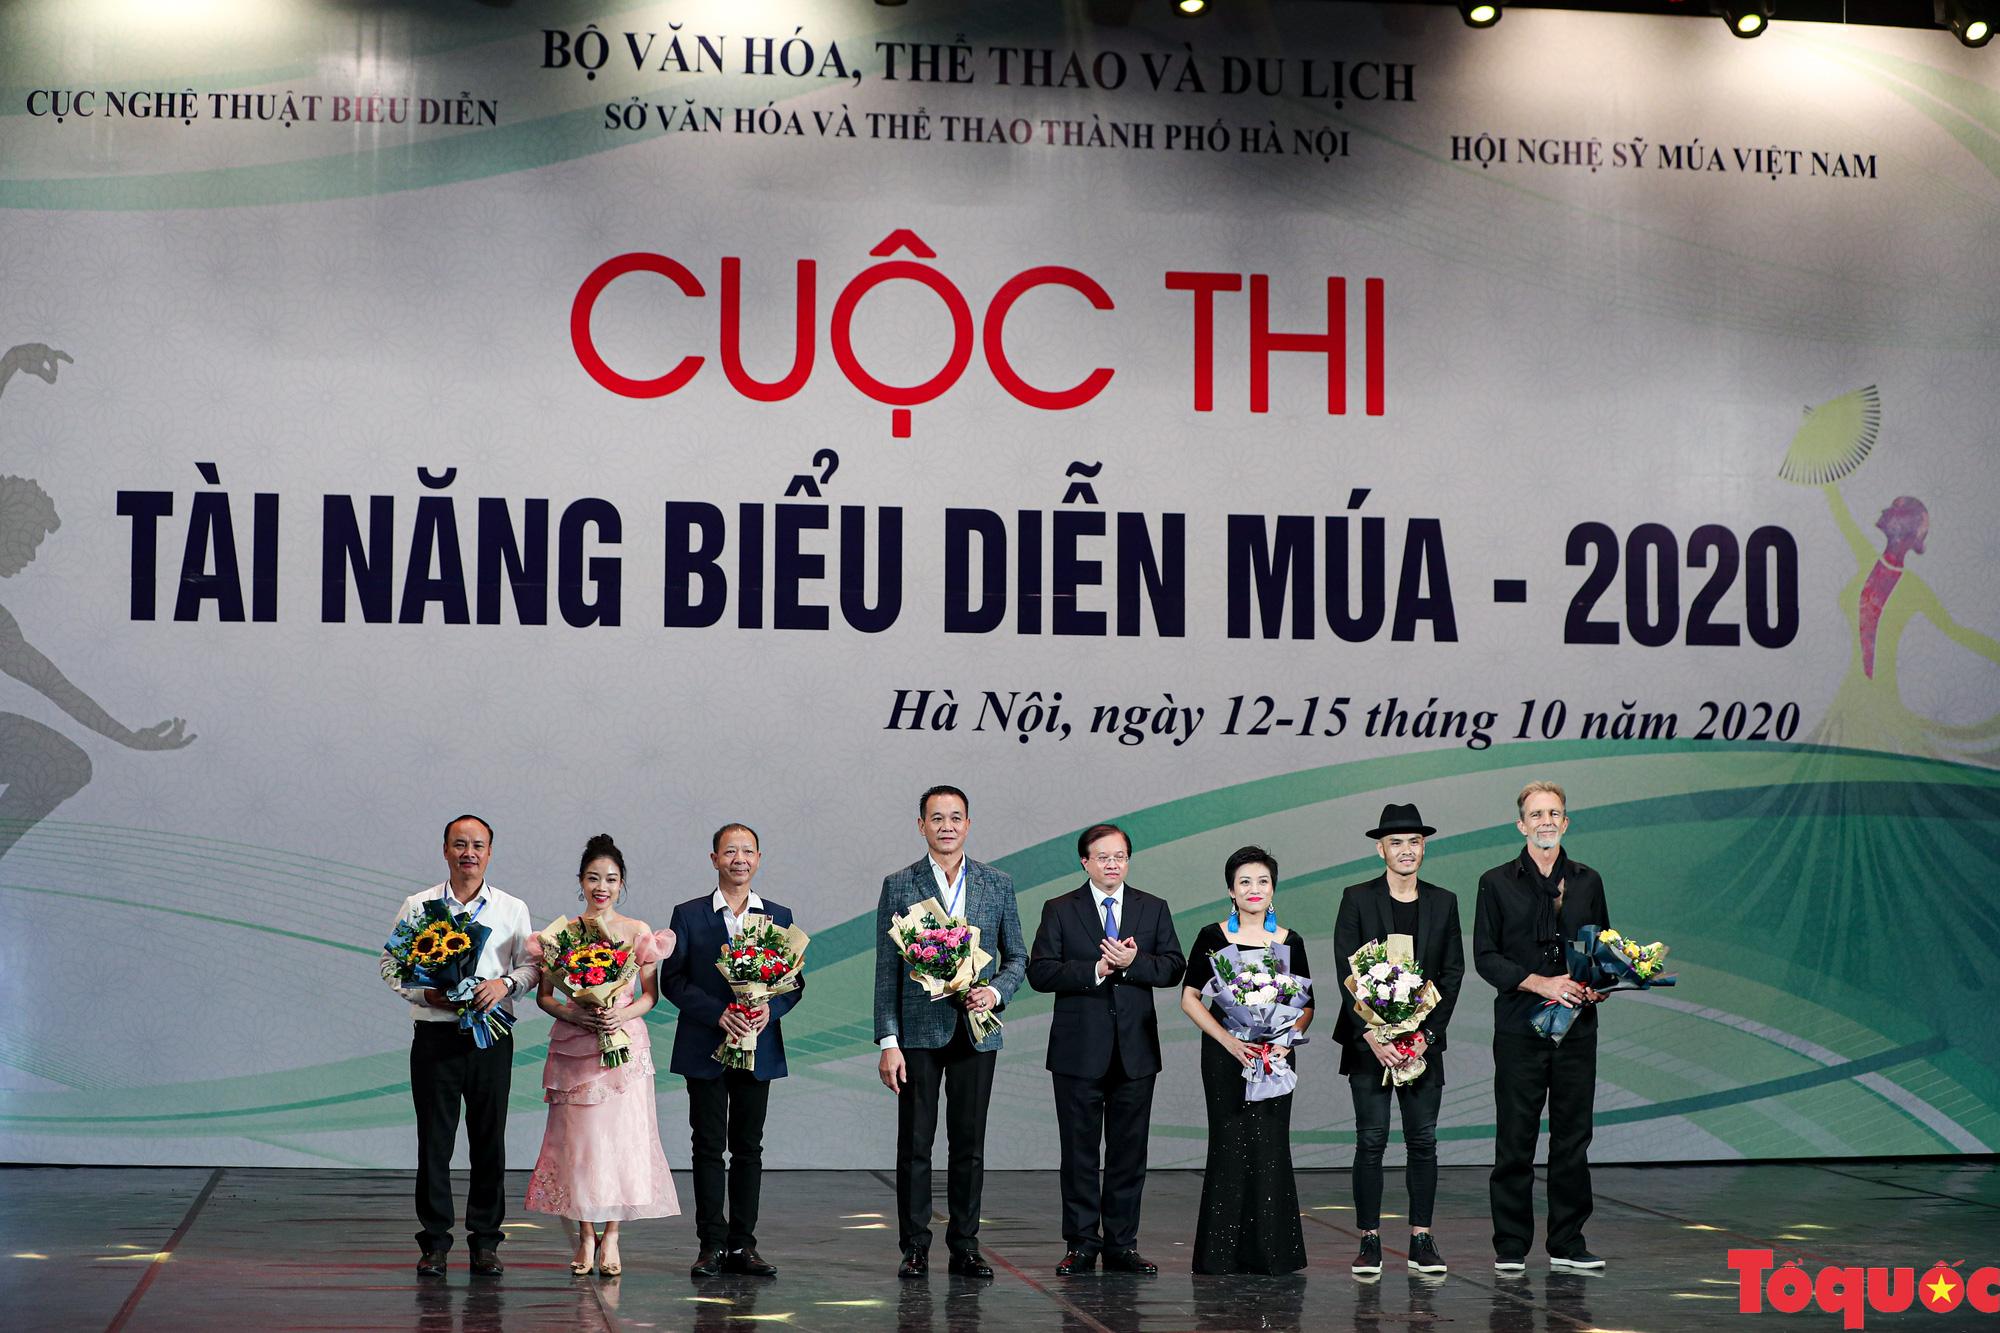 Nhiều bài thi ấn tượng trong đêm khai mạc cuộc thi Tài năng diễn viên múa 2020 khu vực phía Bắc - Ảnh 3.